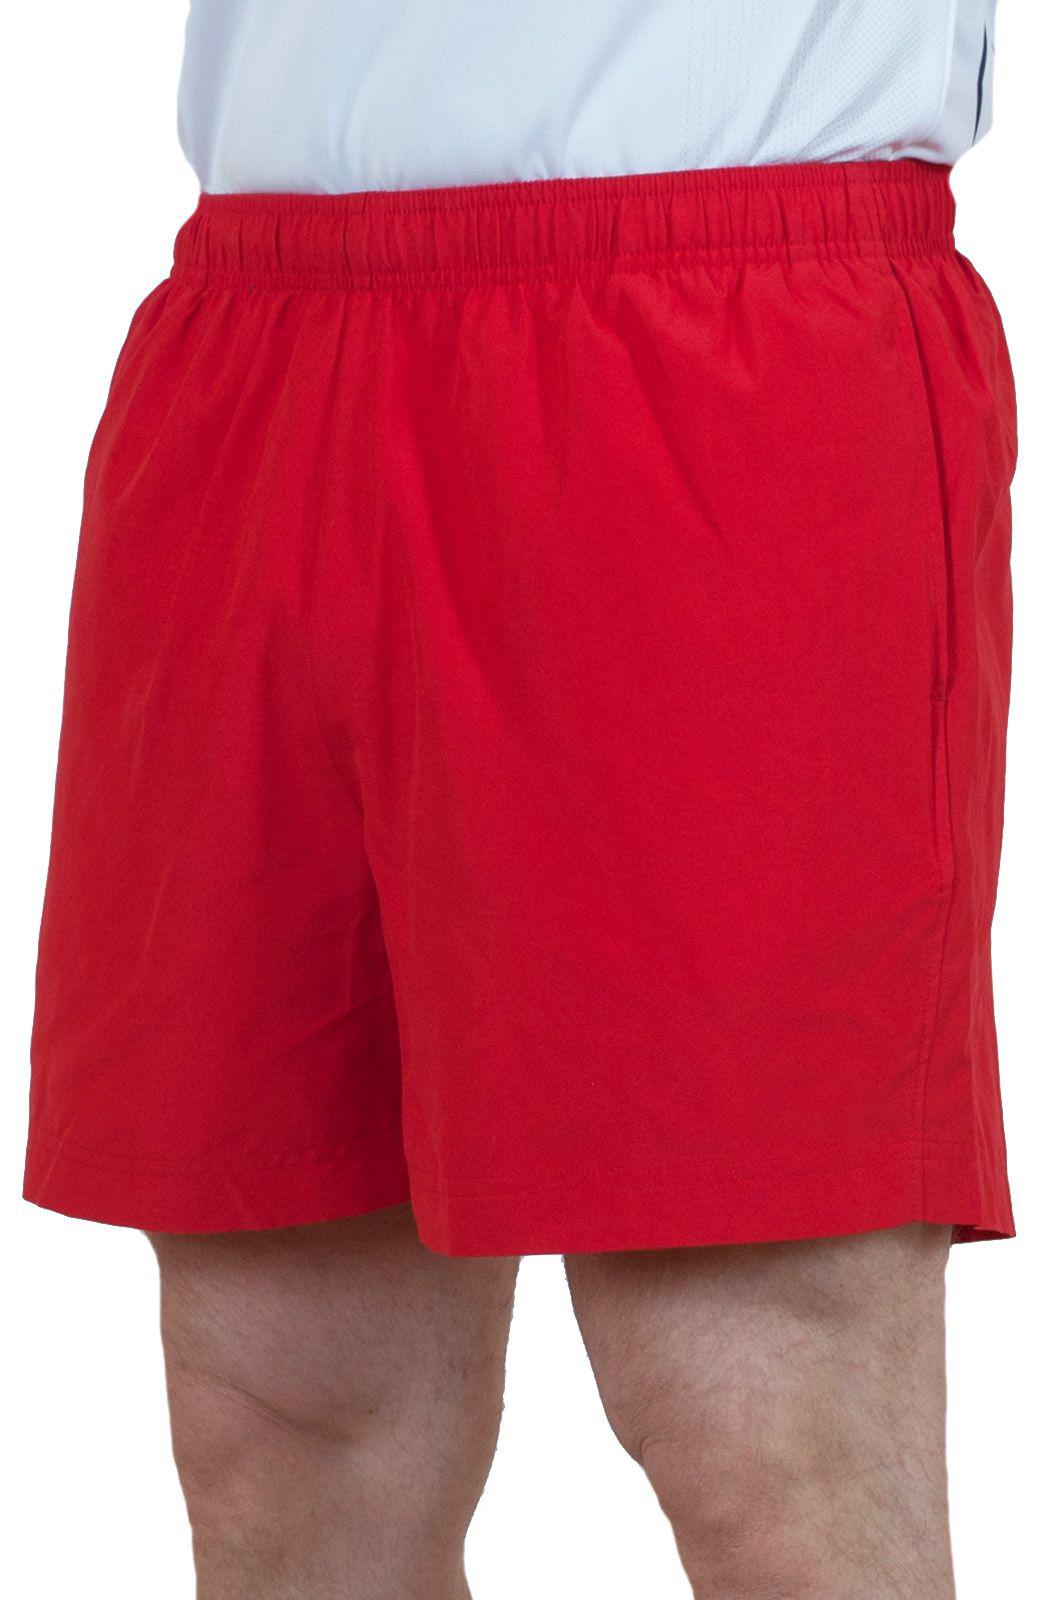 Пляжные мужские шорты красного цвета